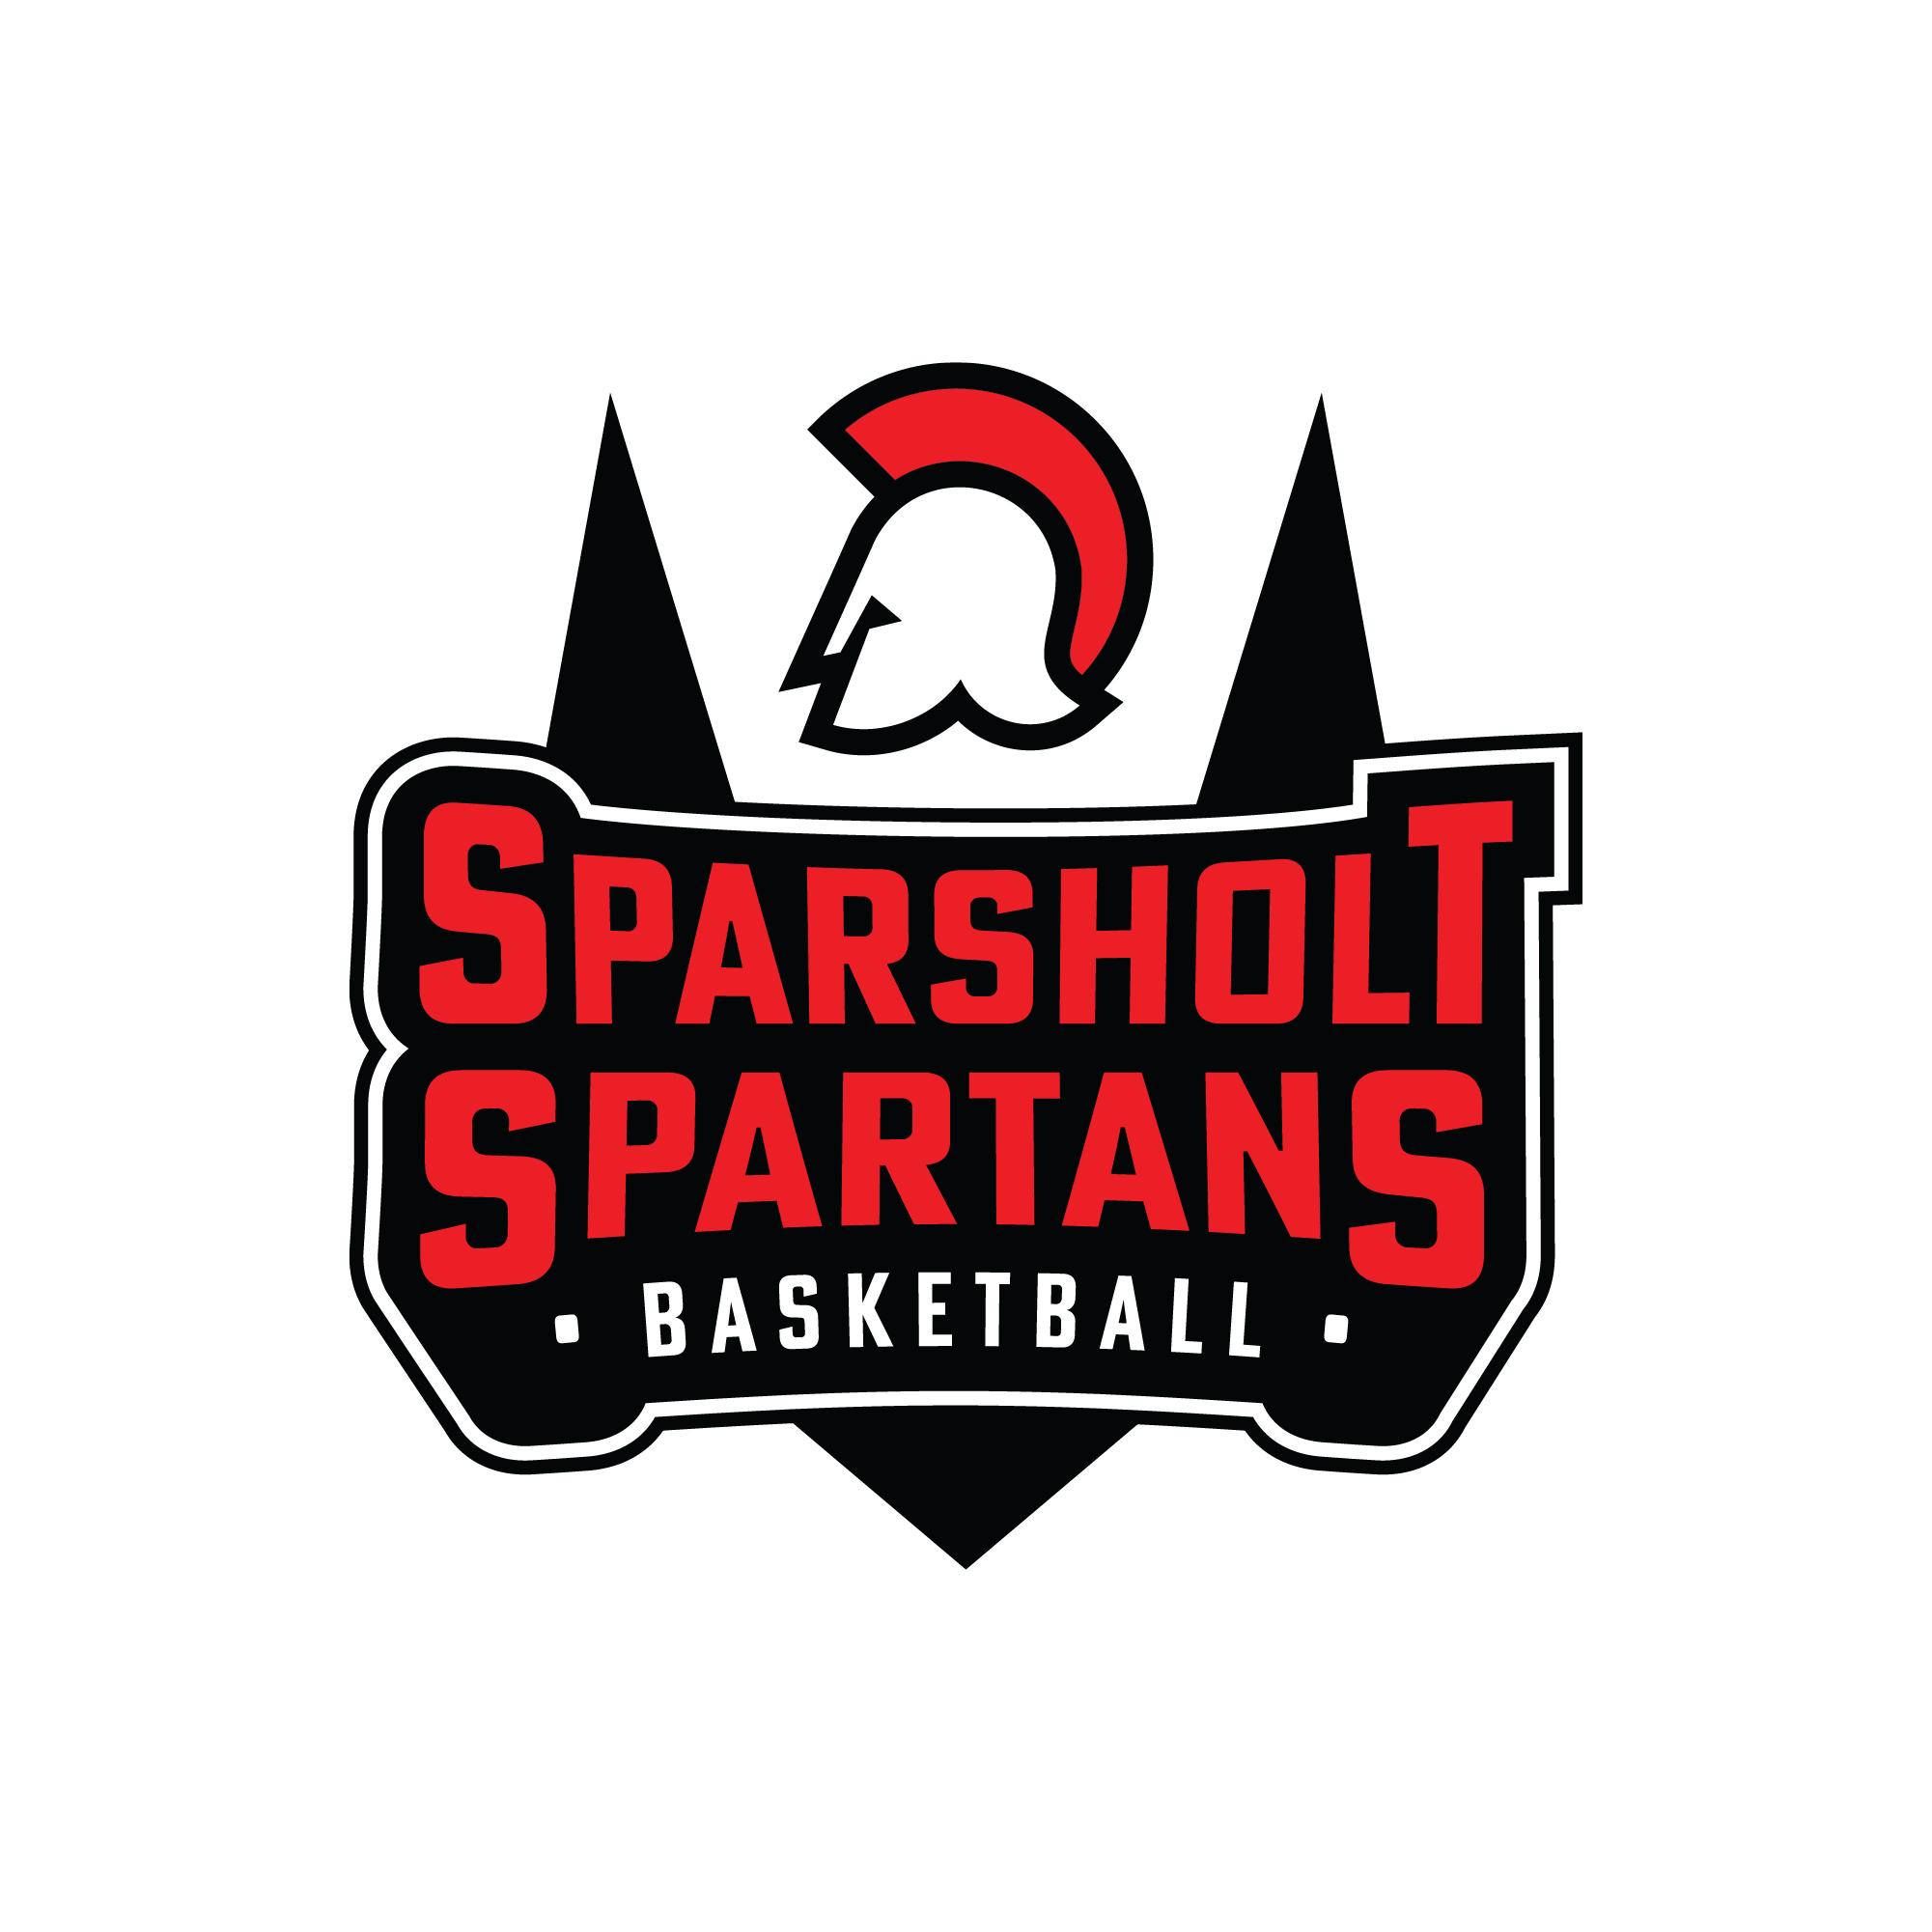 LOGOS 2020_SparsholtSpartans_SparsholtSp